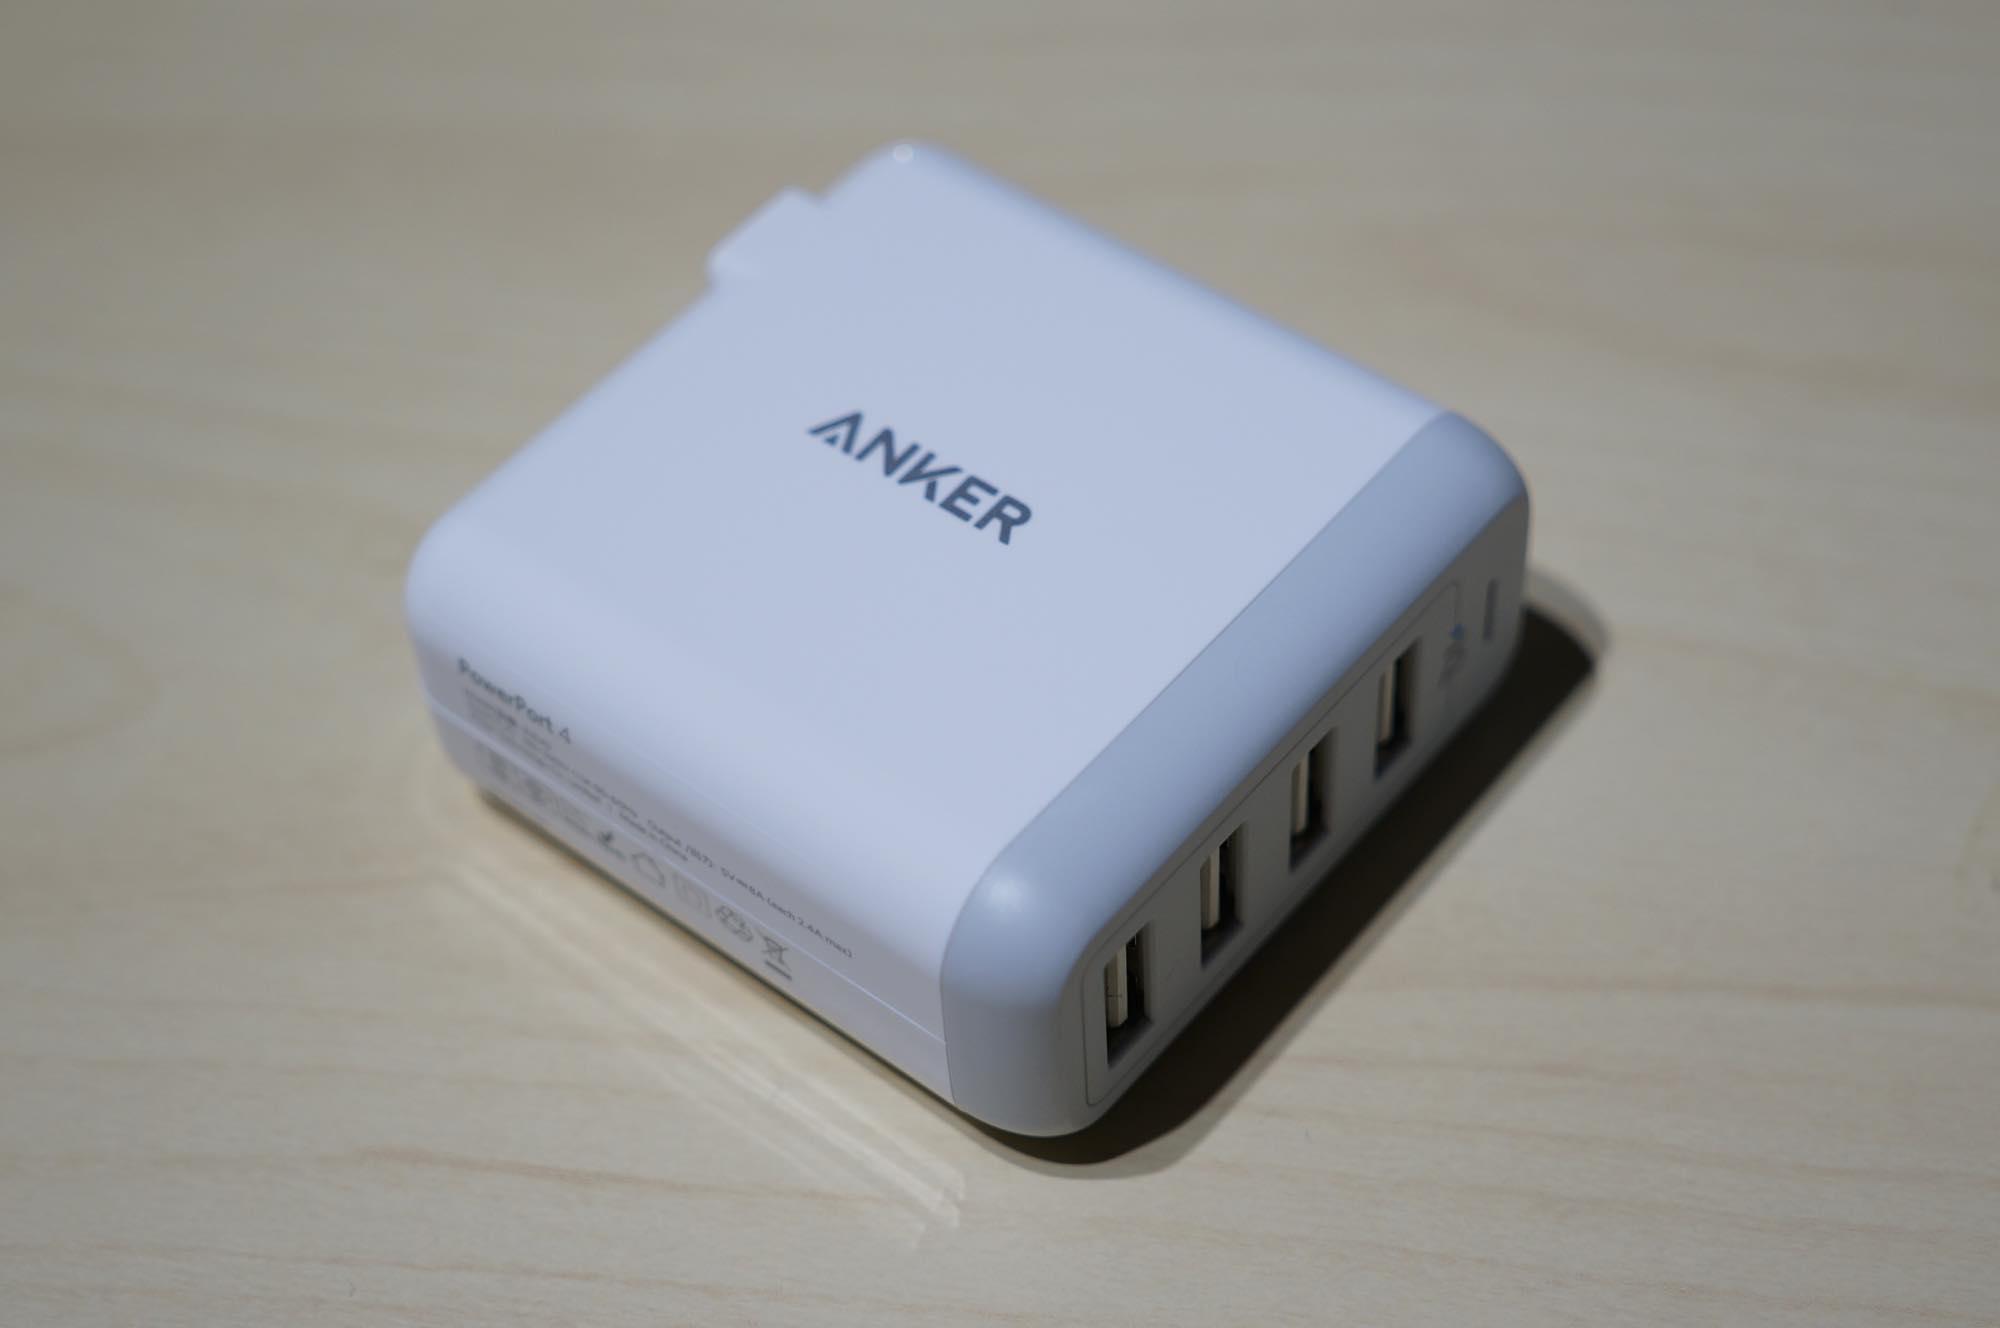 Anker-PowerPort2